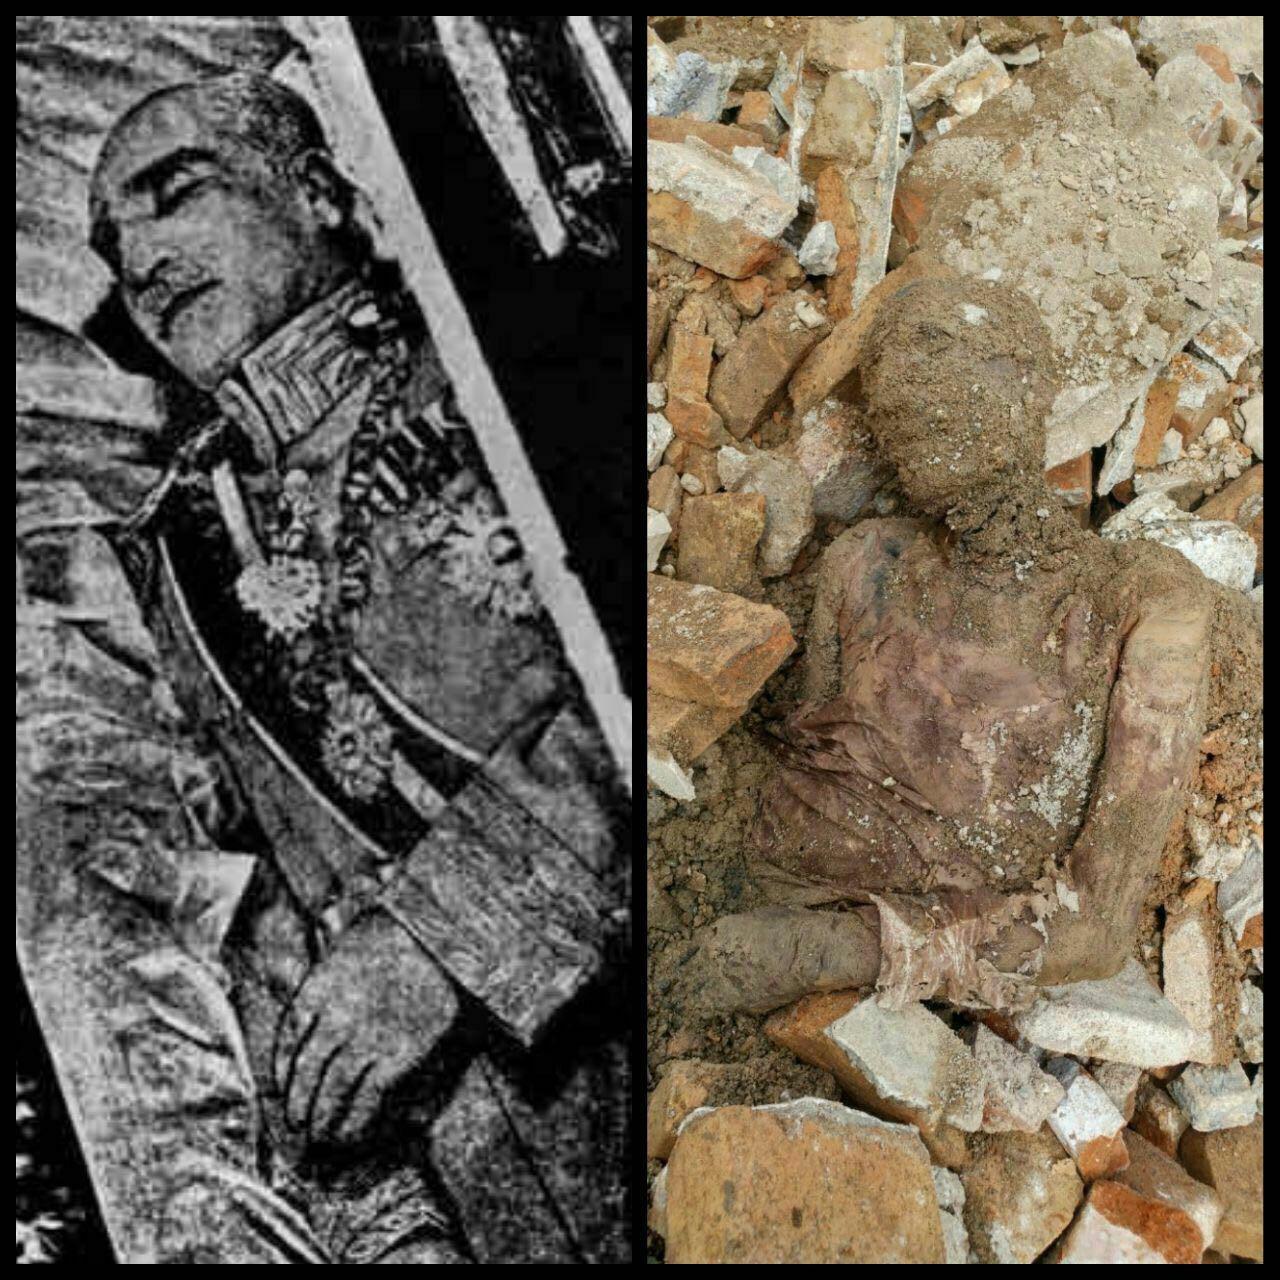 بیانیه انجمن علمی باستانشناسی ایران درباره کشف جسد مومیایی